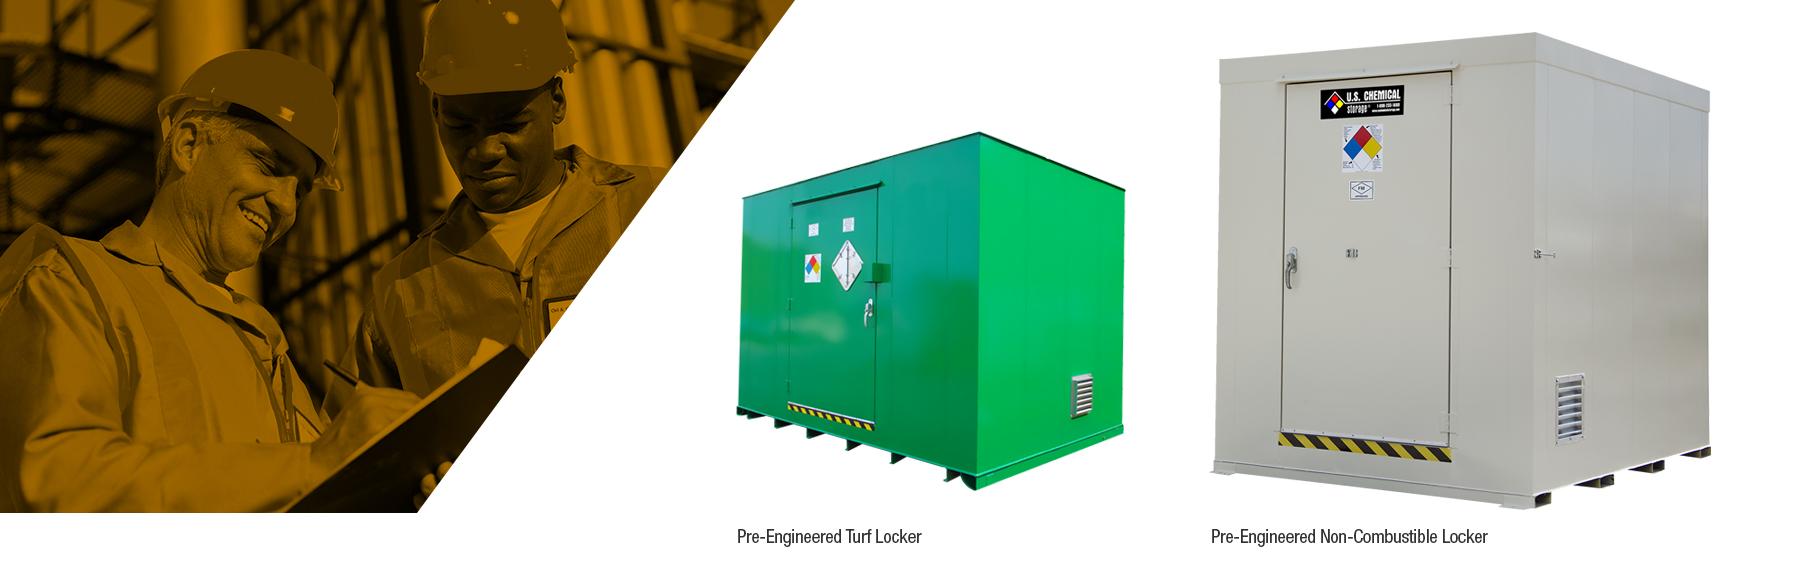 U.S. Chemical Storage pre-engineered chemical storage lockers